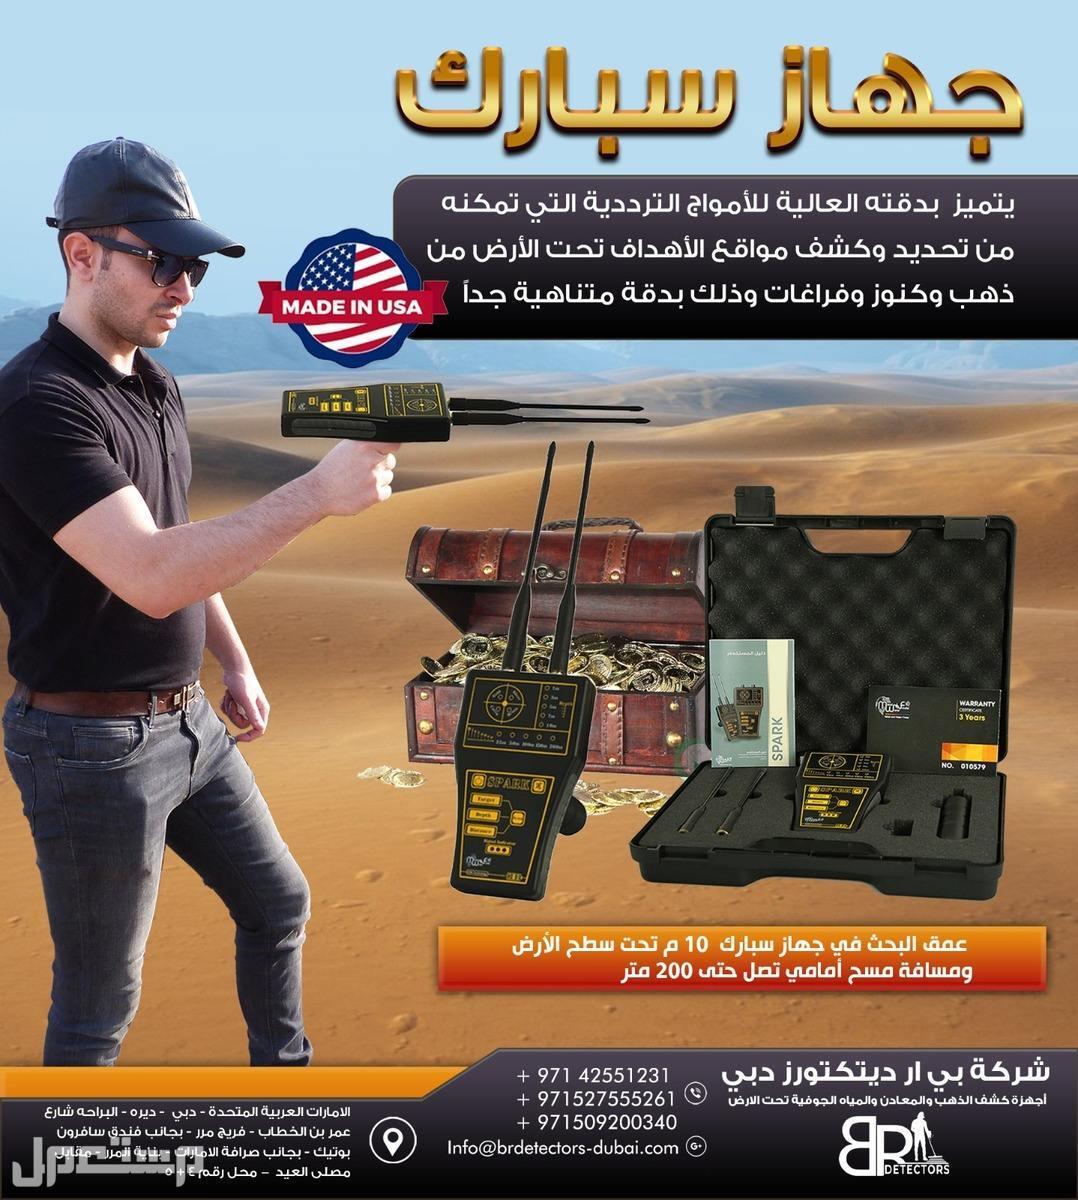 اصغر جهاز كشف الذهب في السعودية سبارك - بي ار دبي اصغر جهاز كشف الذهب في السعودية سبارك - بي ار دبي